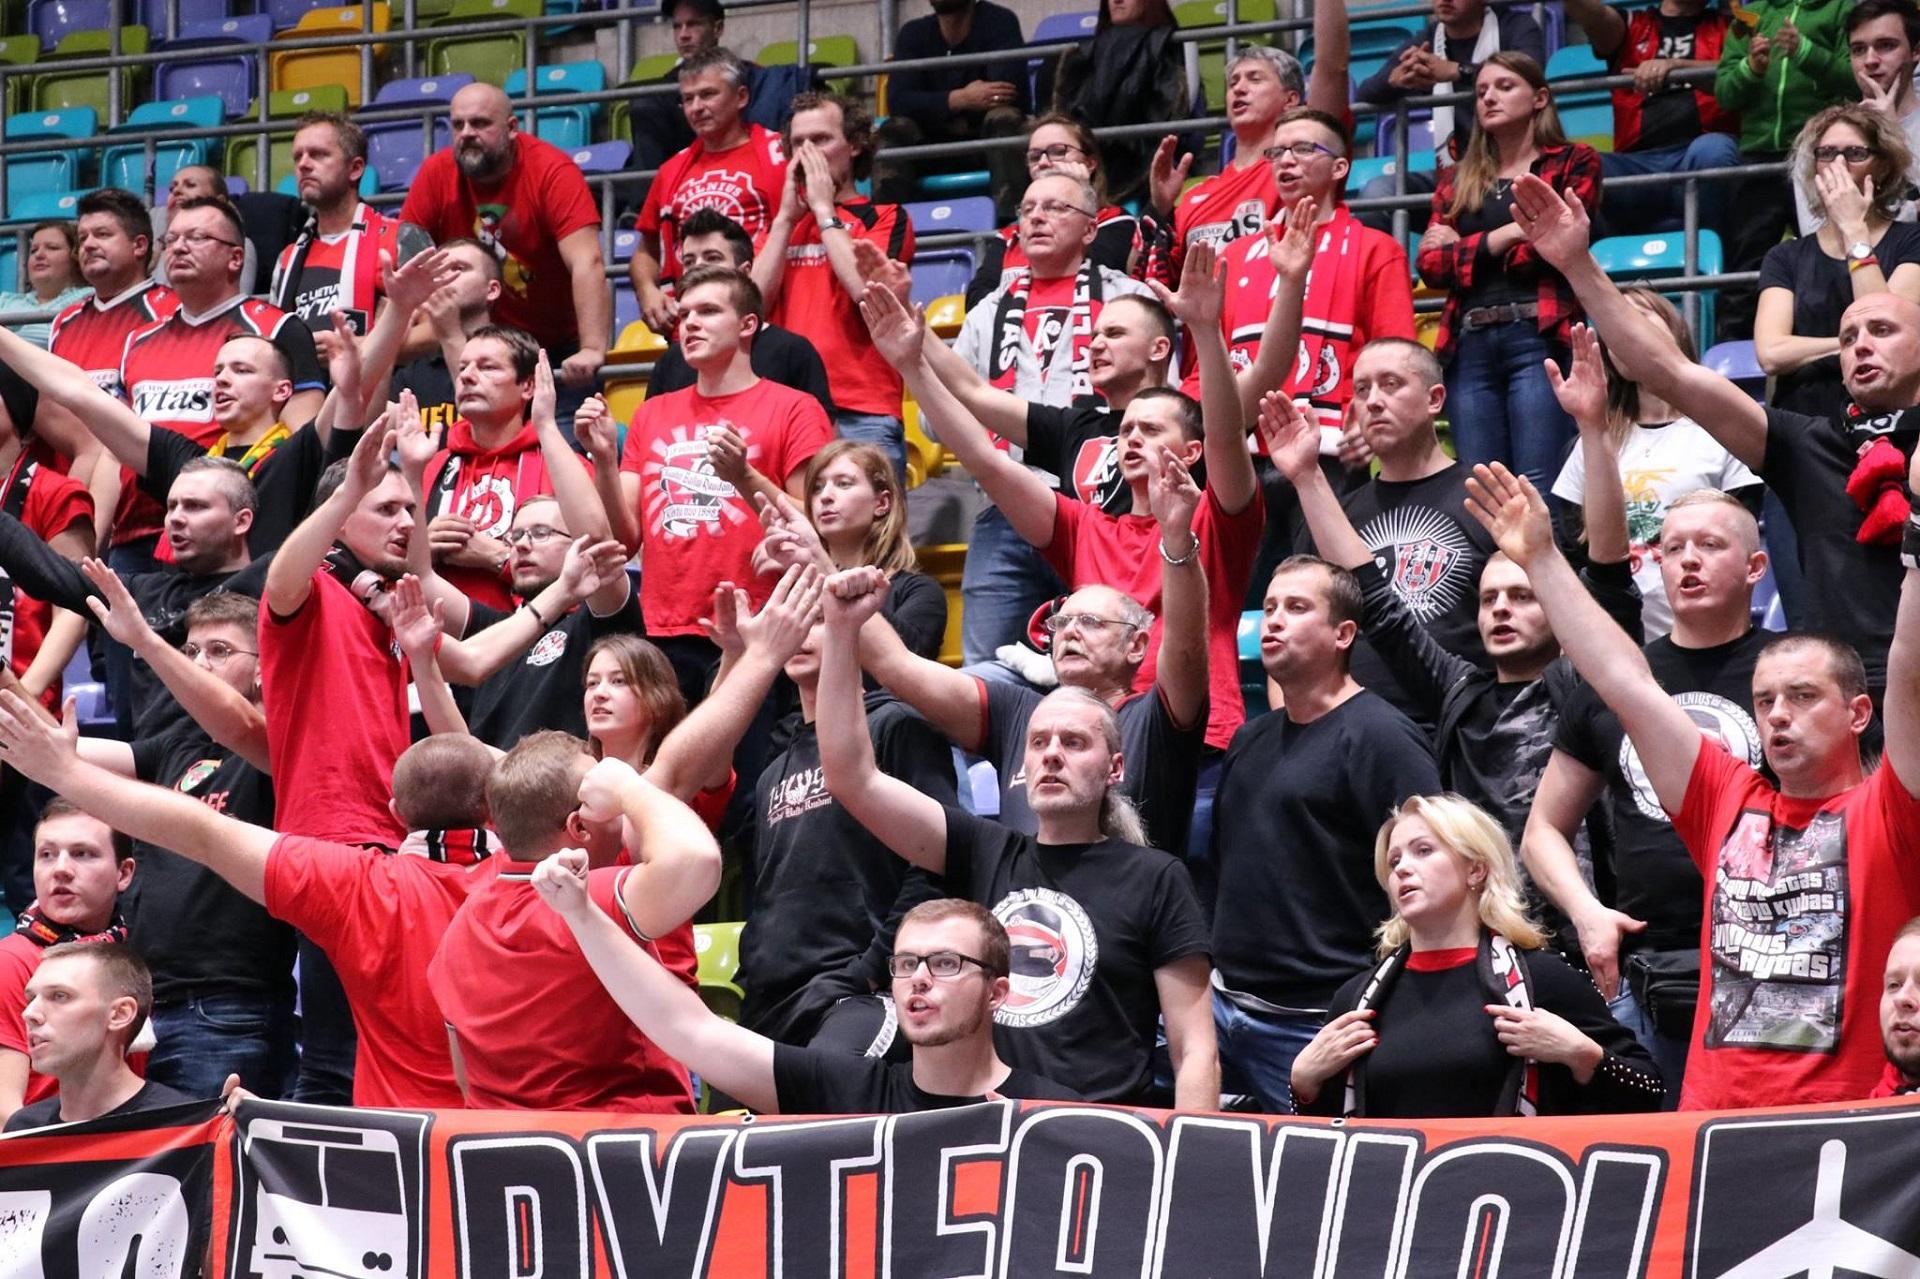 Gimnazistai krepšinio rungtynėse Frankfurte (Foto: D. Šulcas)